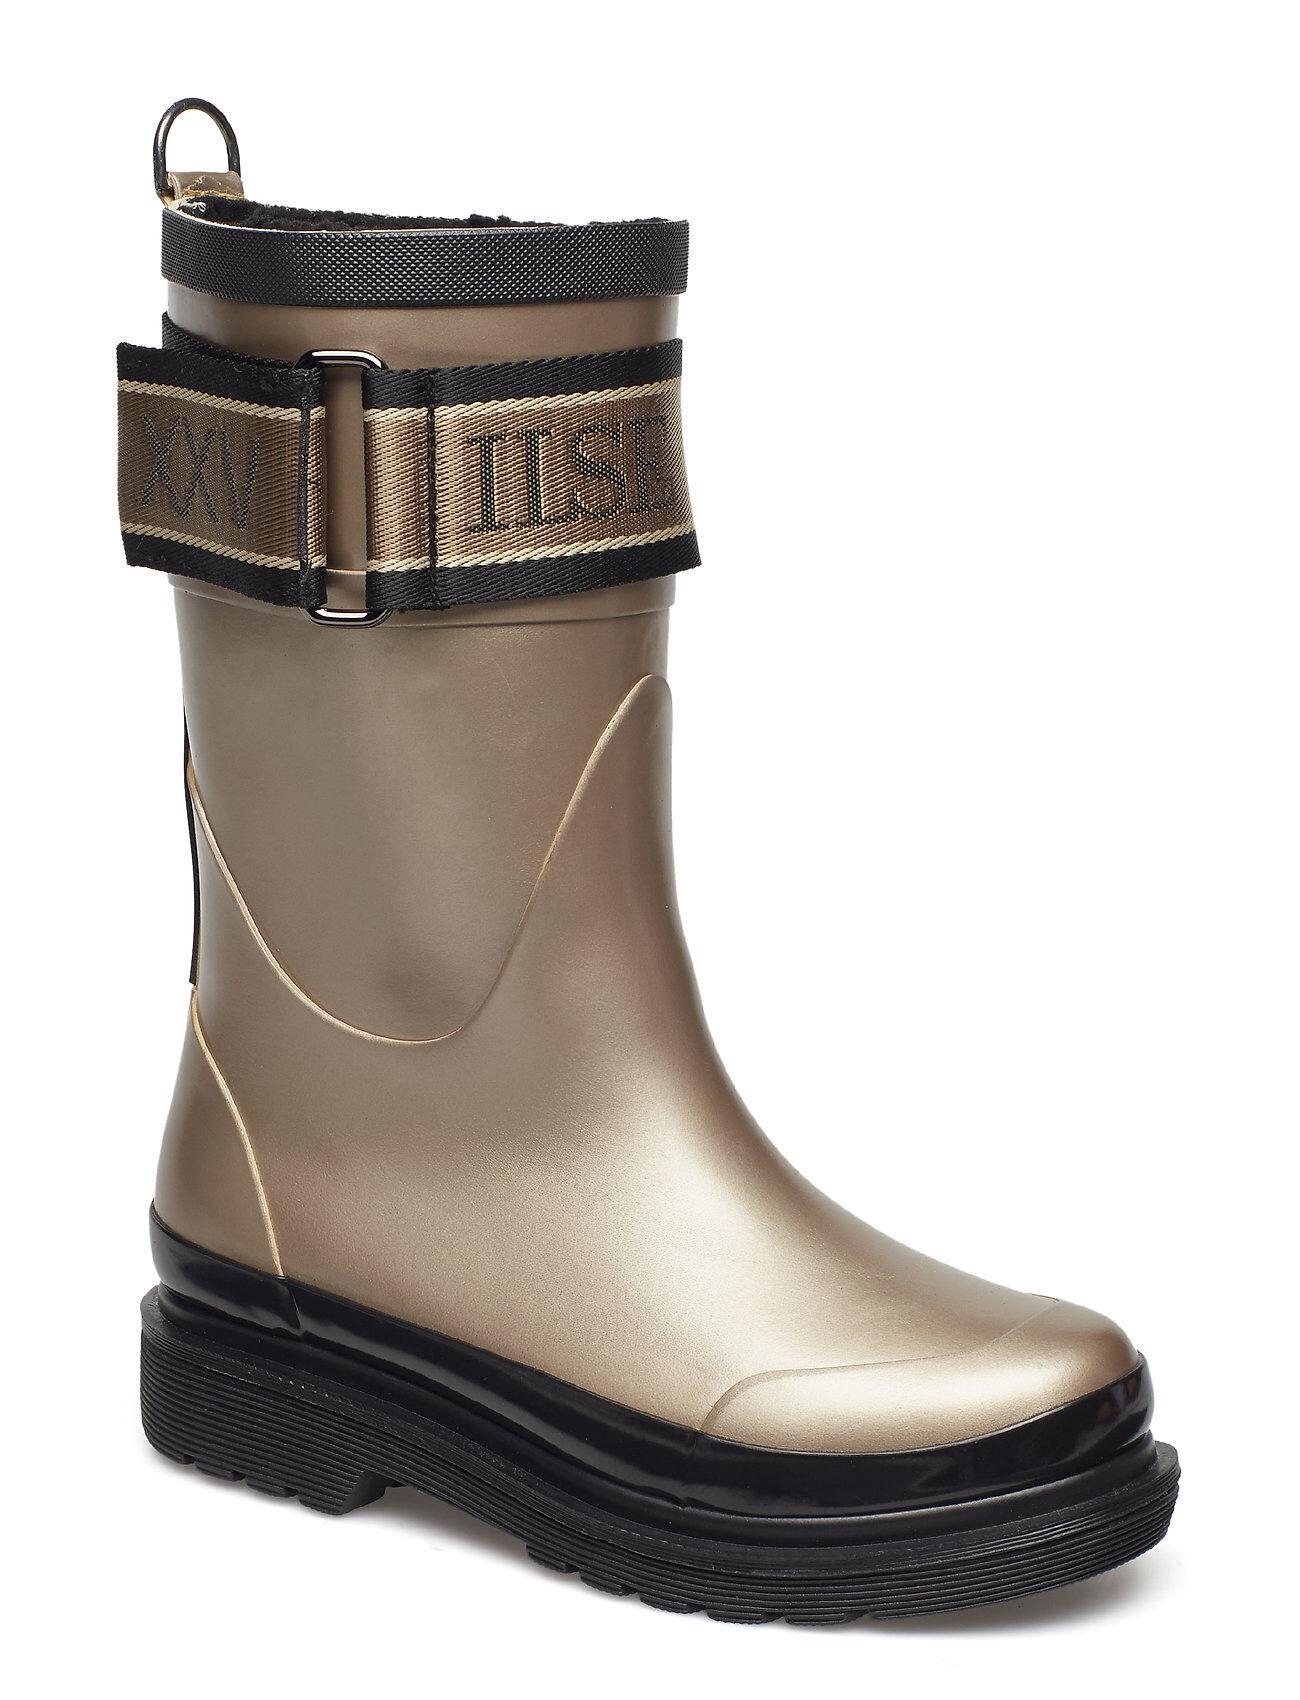 Ilse Jacobsen 3/4 Rubber Boots